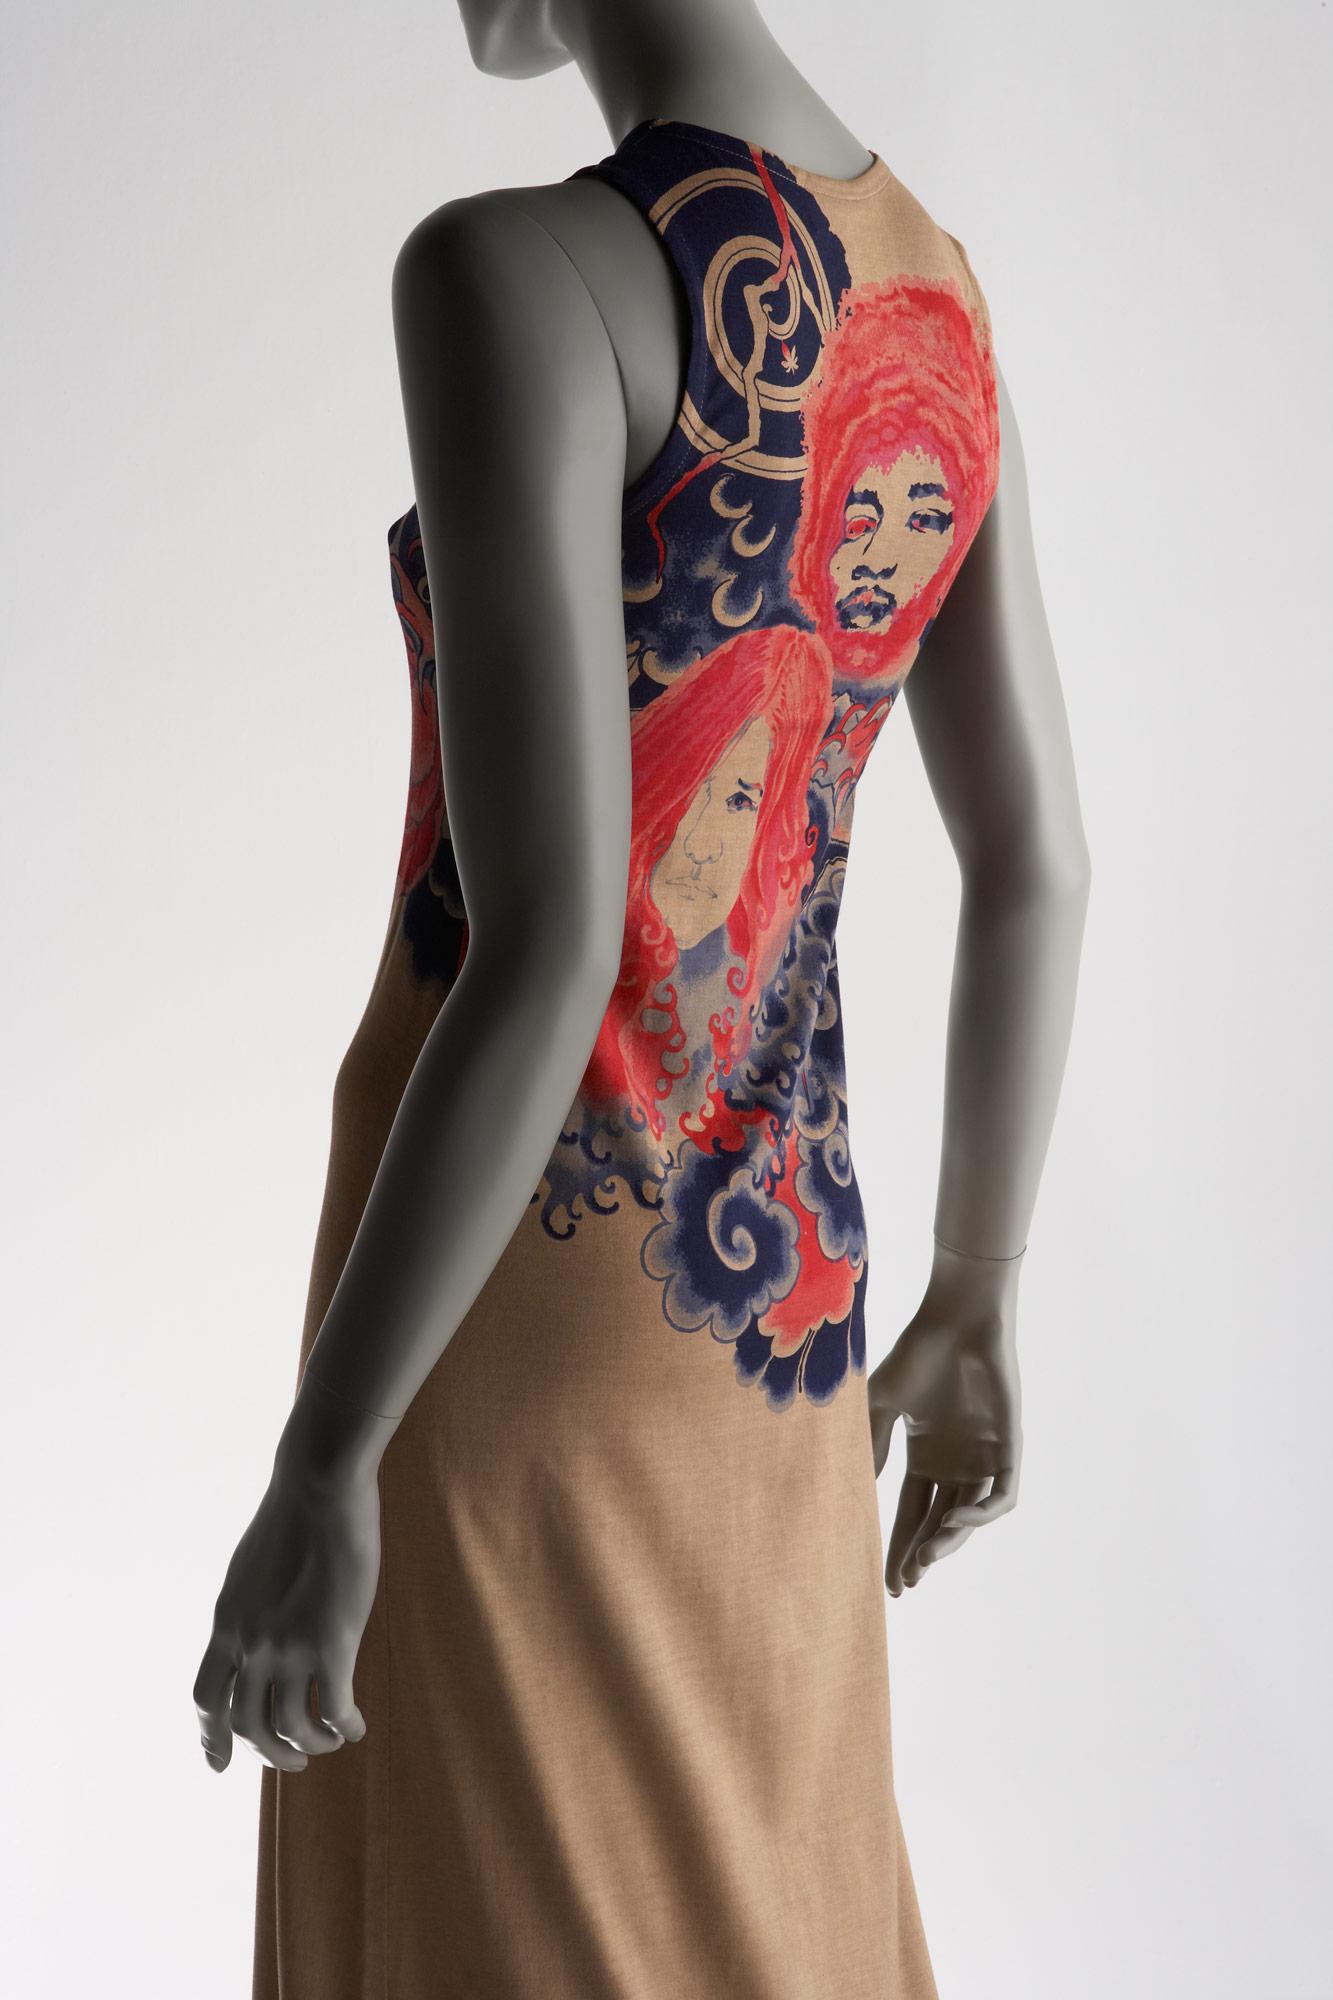 ドレス「タトゥー」